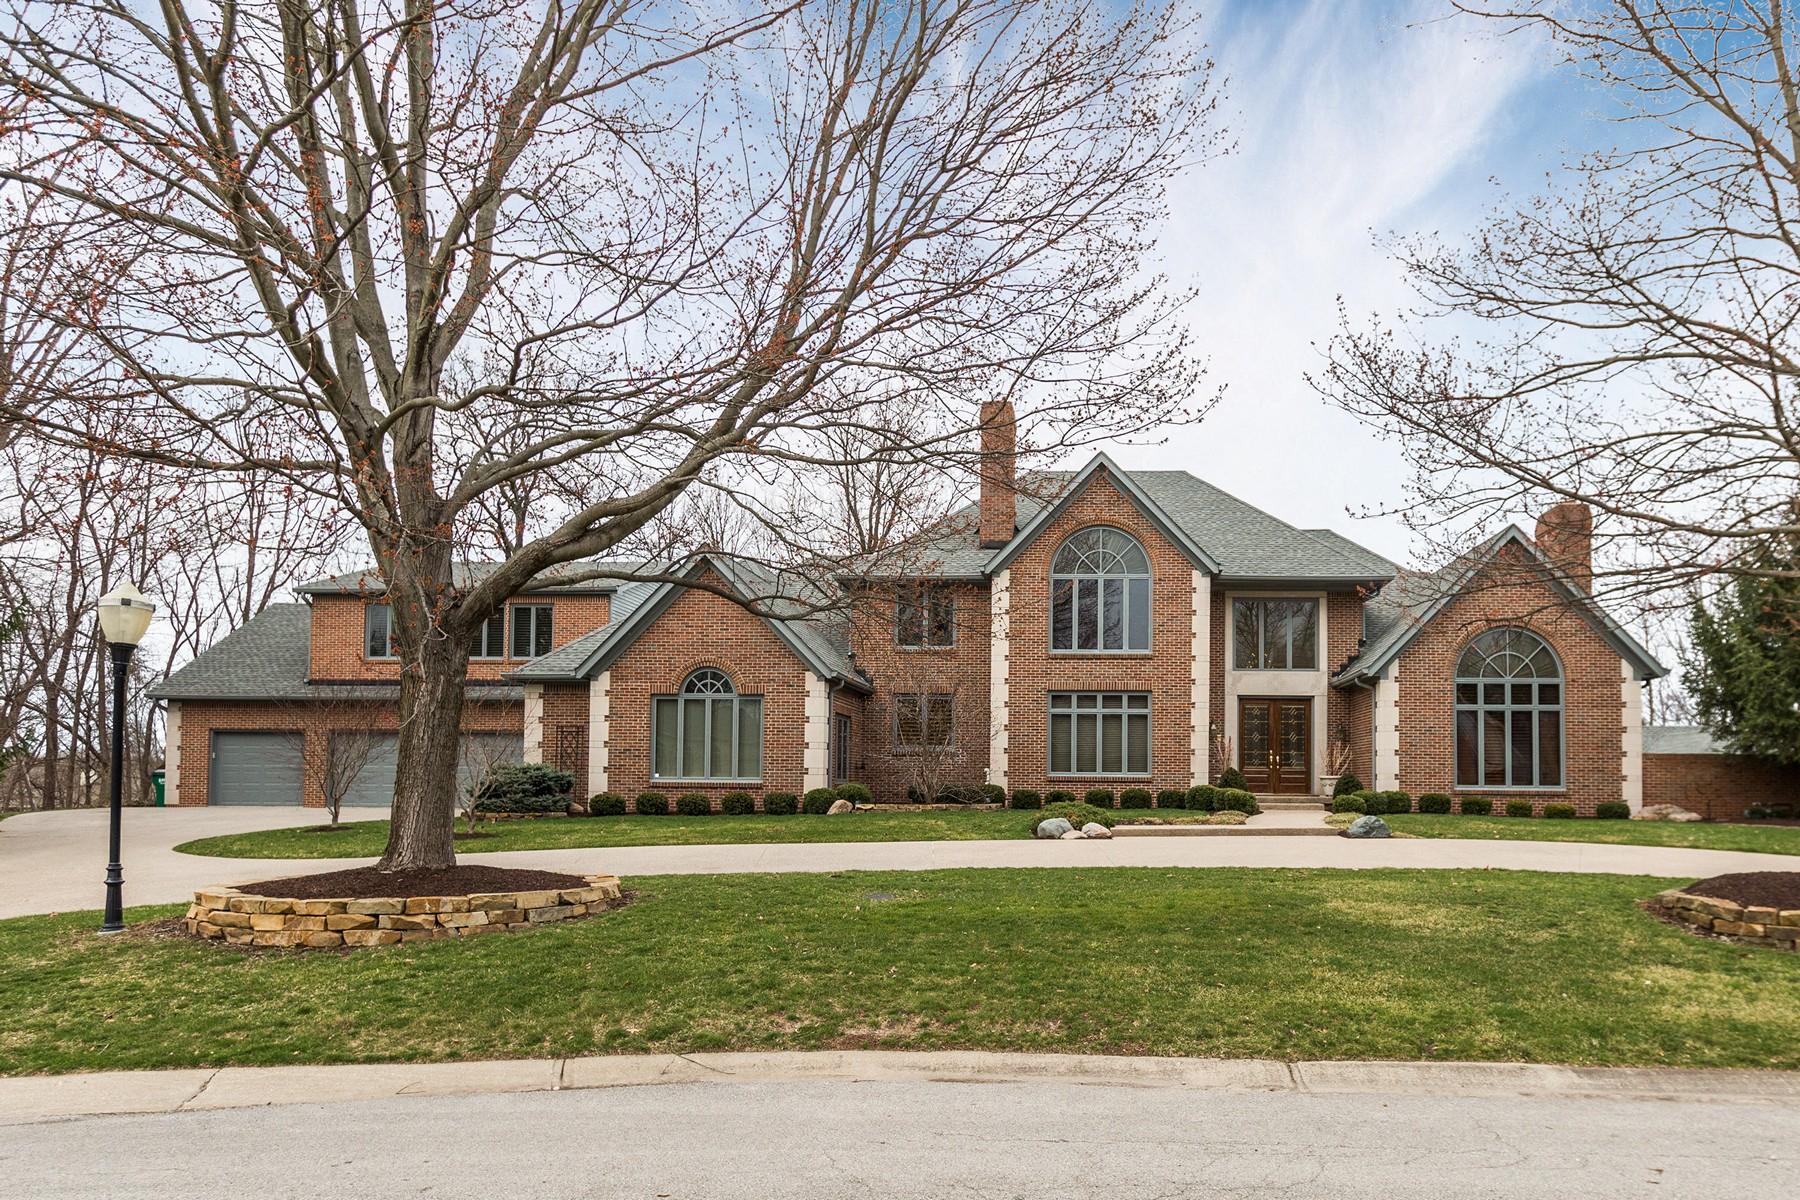 Частный односемейный дом для того Продажа на Privacy and Tranquility 6780 Barrington Place Fishers, Индиана, 46038 Соединенные Штаты